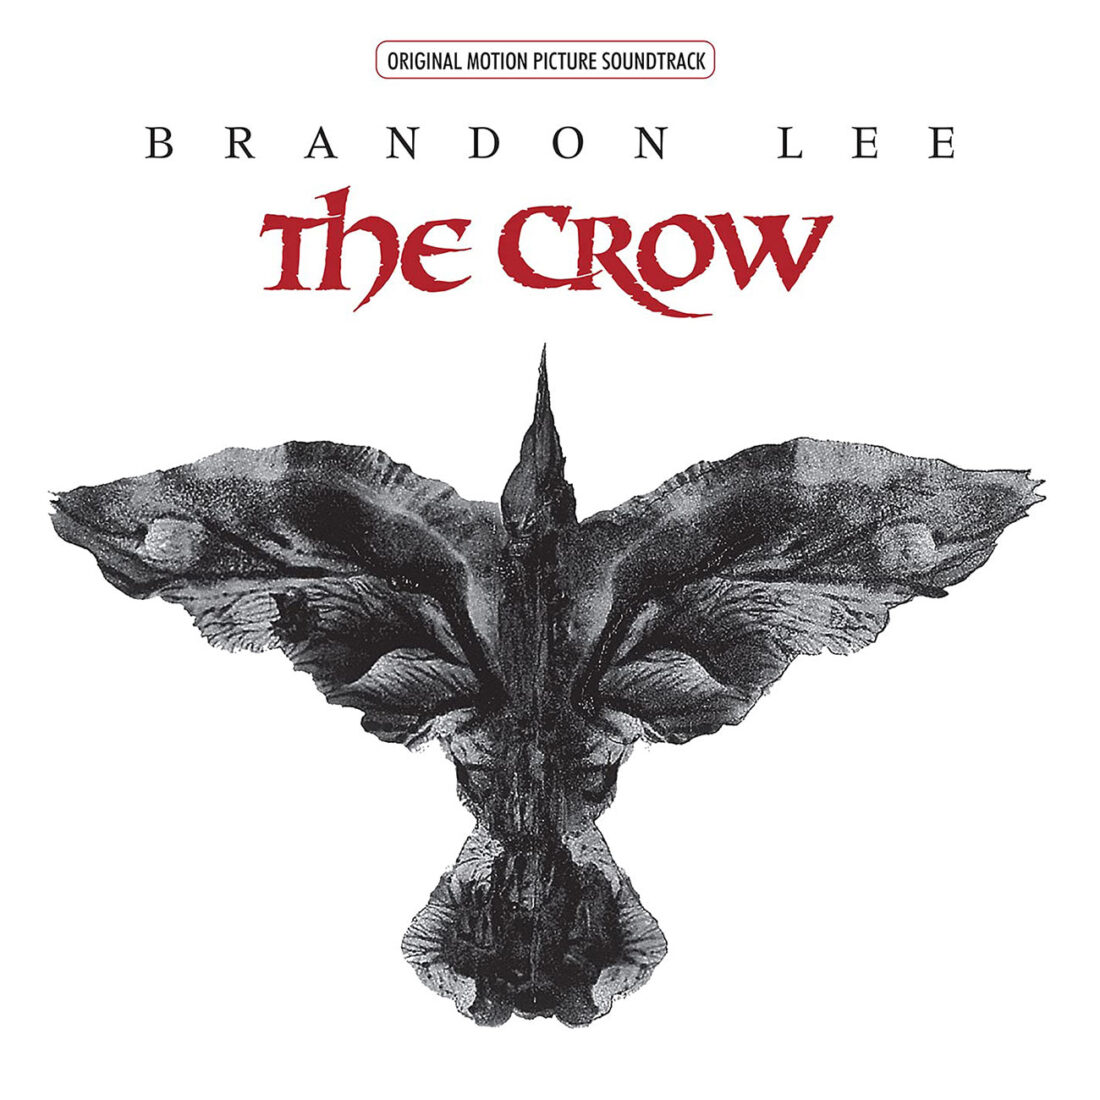 The Crow Original Motion Picture Soundtrack 2-LP ROCKtober Vinyl Edition